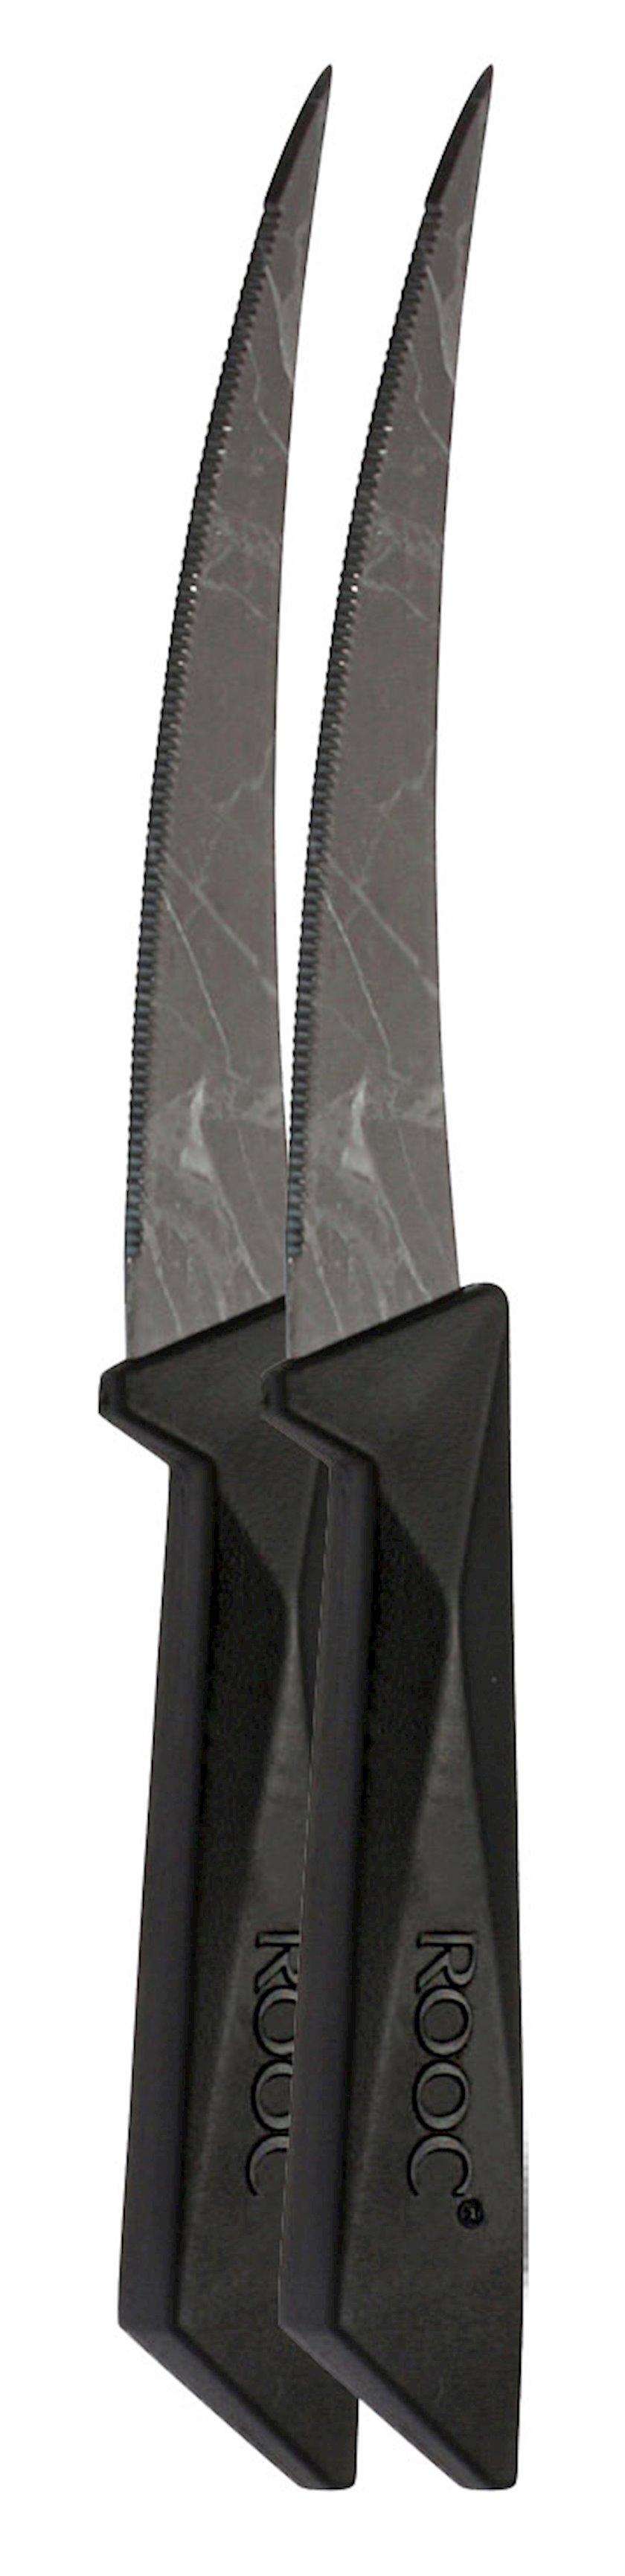 Bıçaq Rooc Marble pattern dual knife 4'',Mərmər naxışlı,Qara,19 sm